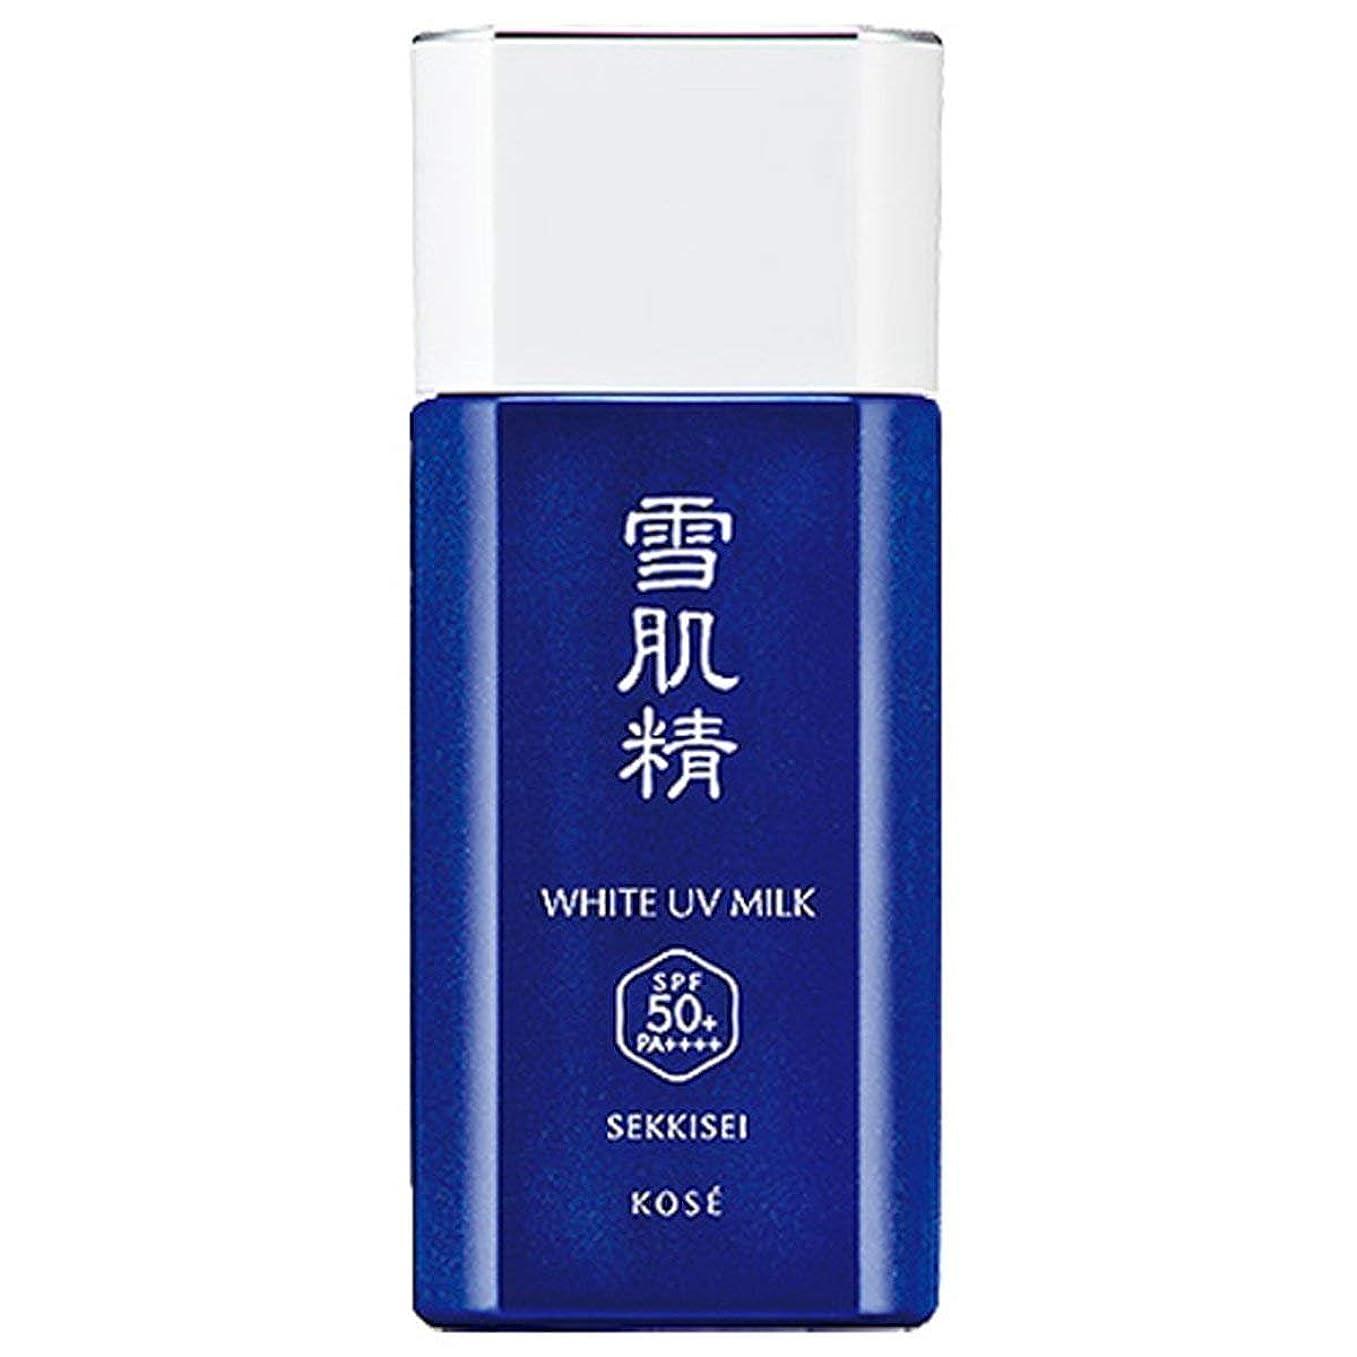 文化時二層コーセー 雪肌精 ホワイト UV ミルク SPF50+/PA++++ 60g